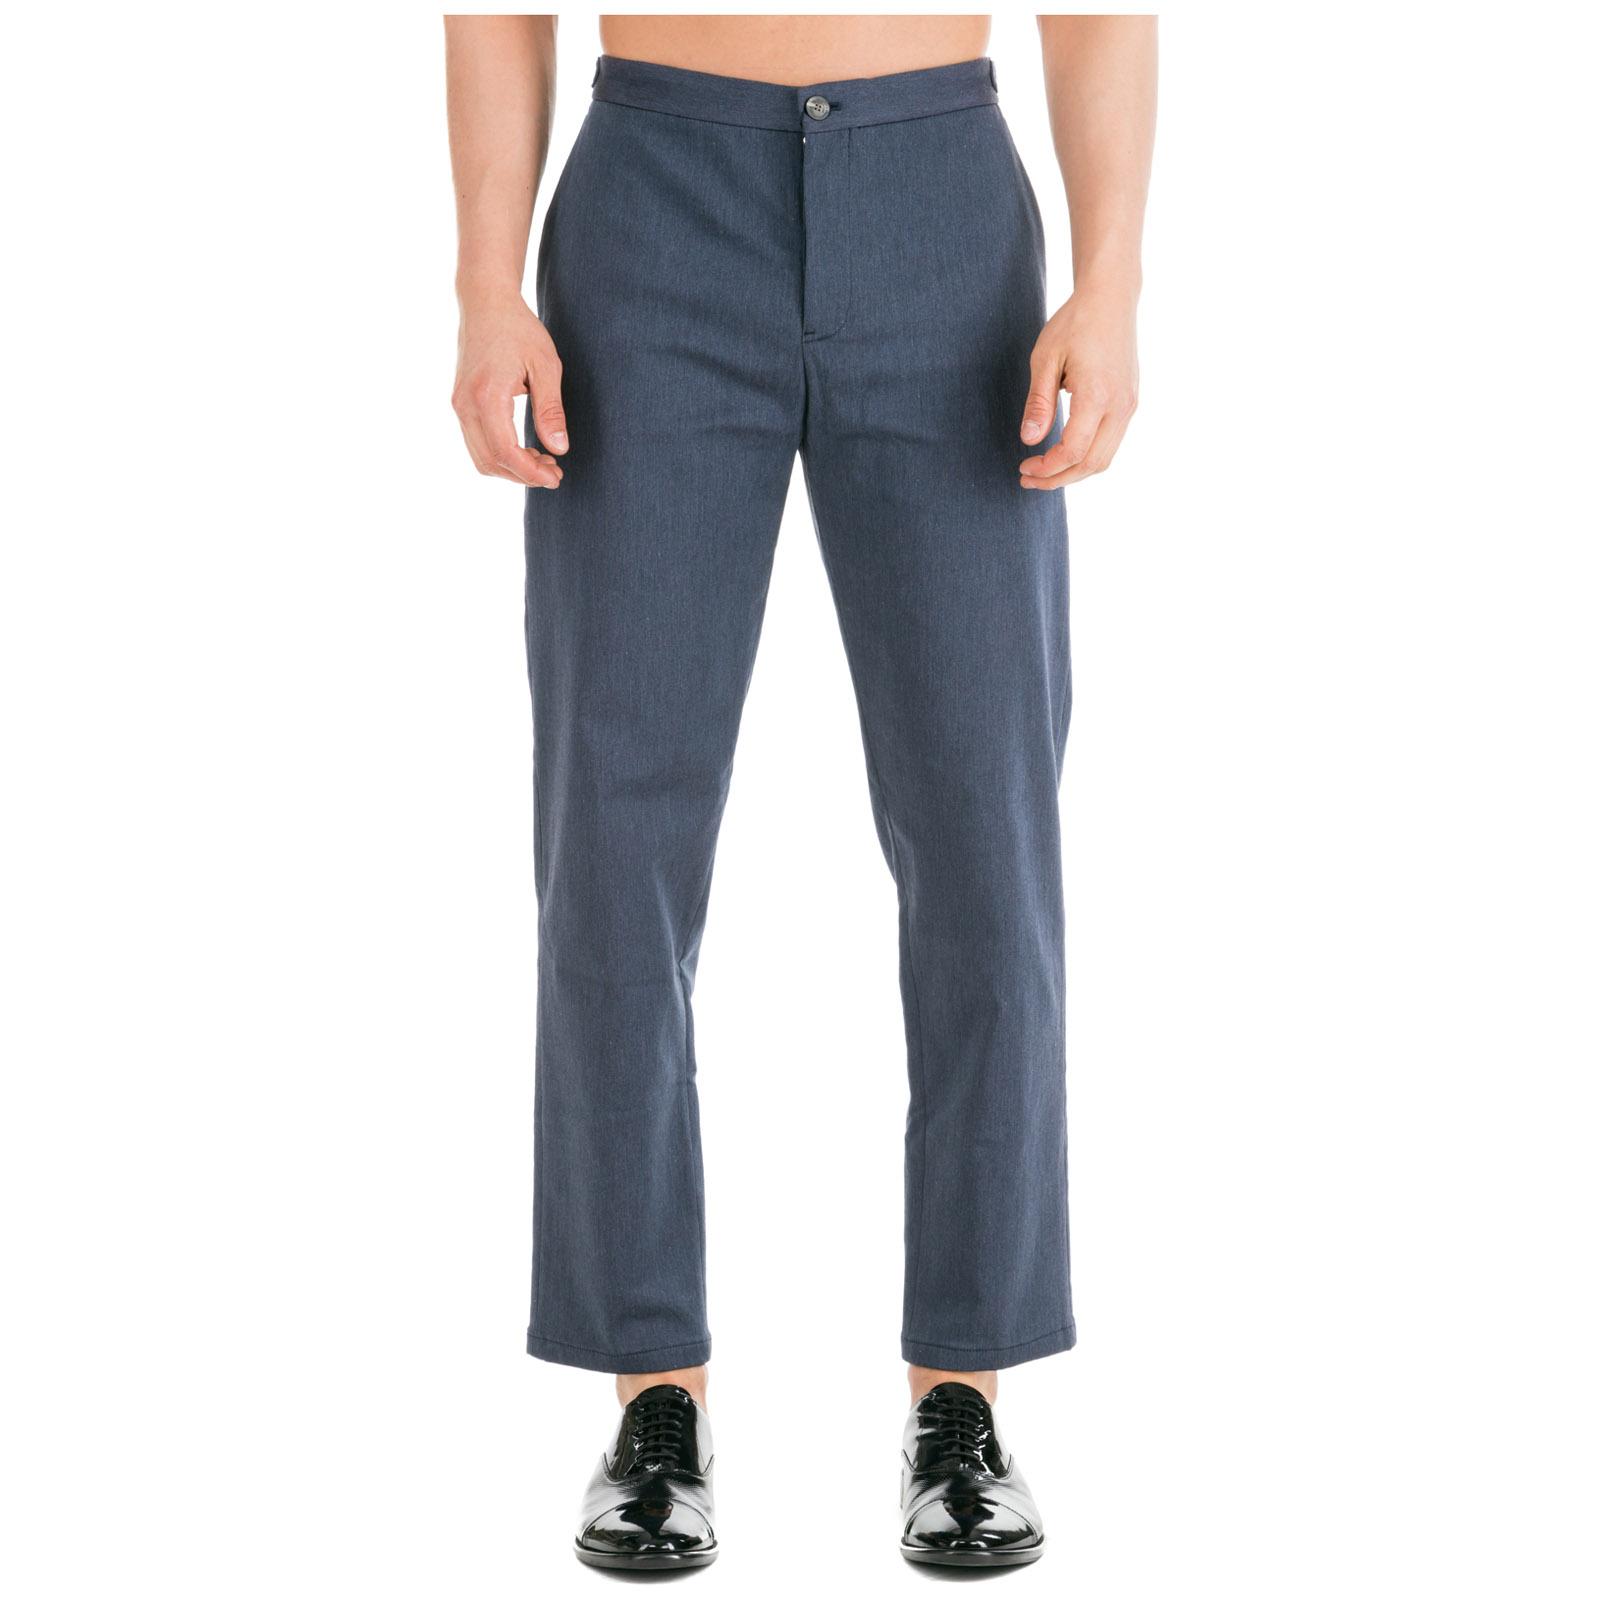 new styles a47b1 82f4e Pantaloni uomo